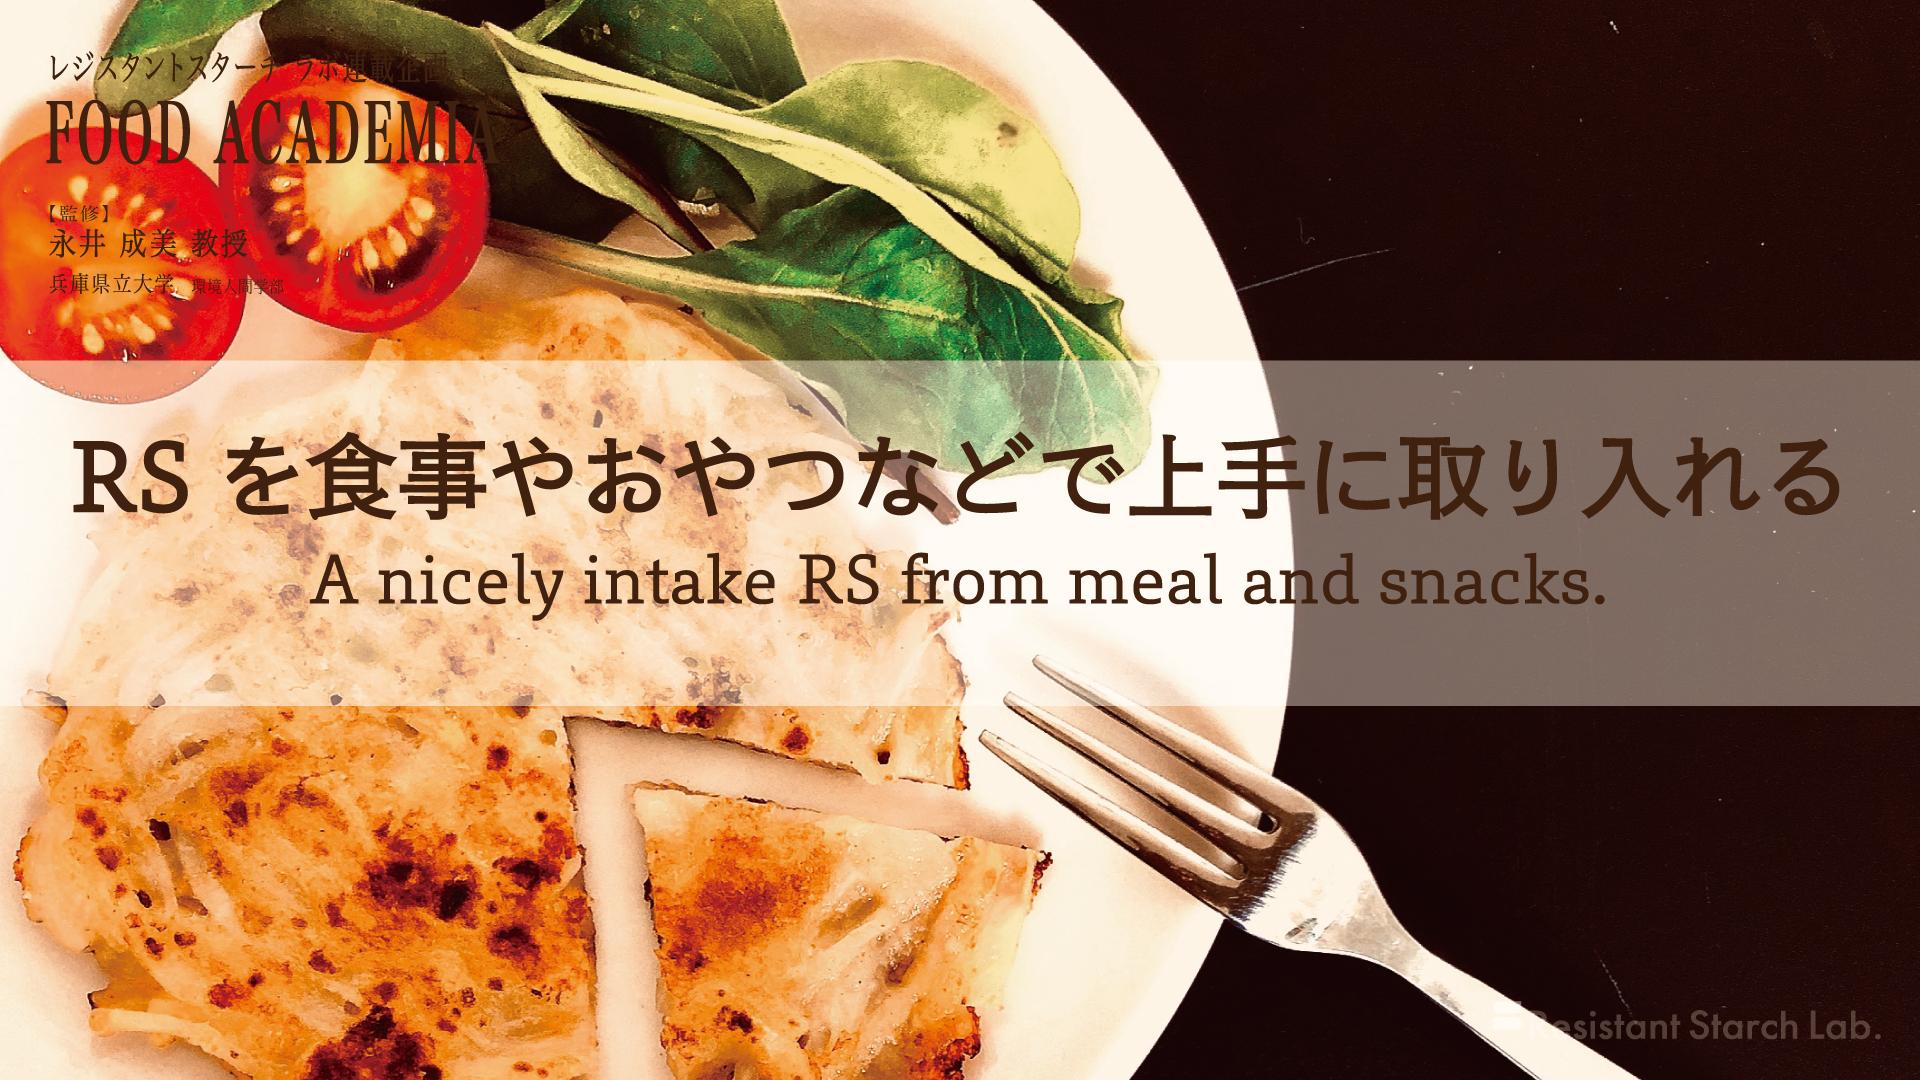 実践編「RSを食事やおやつなどで上手に取り入れる」